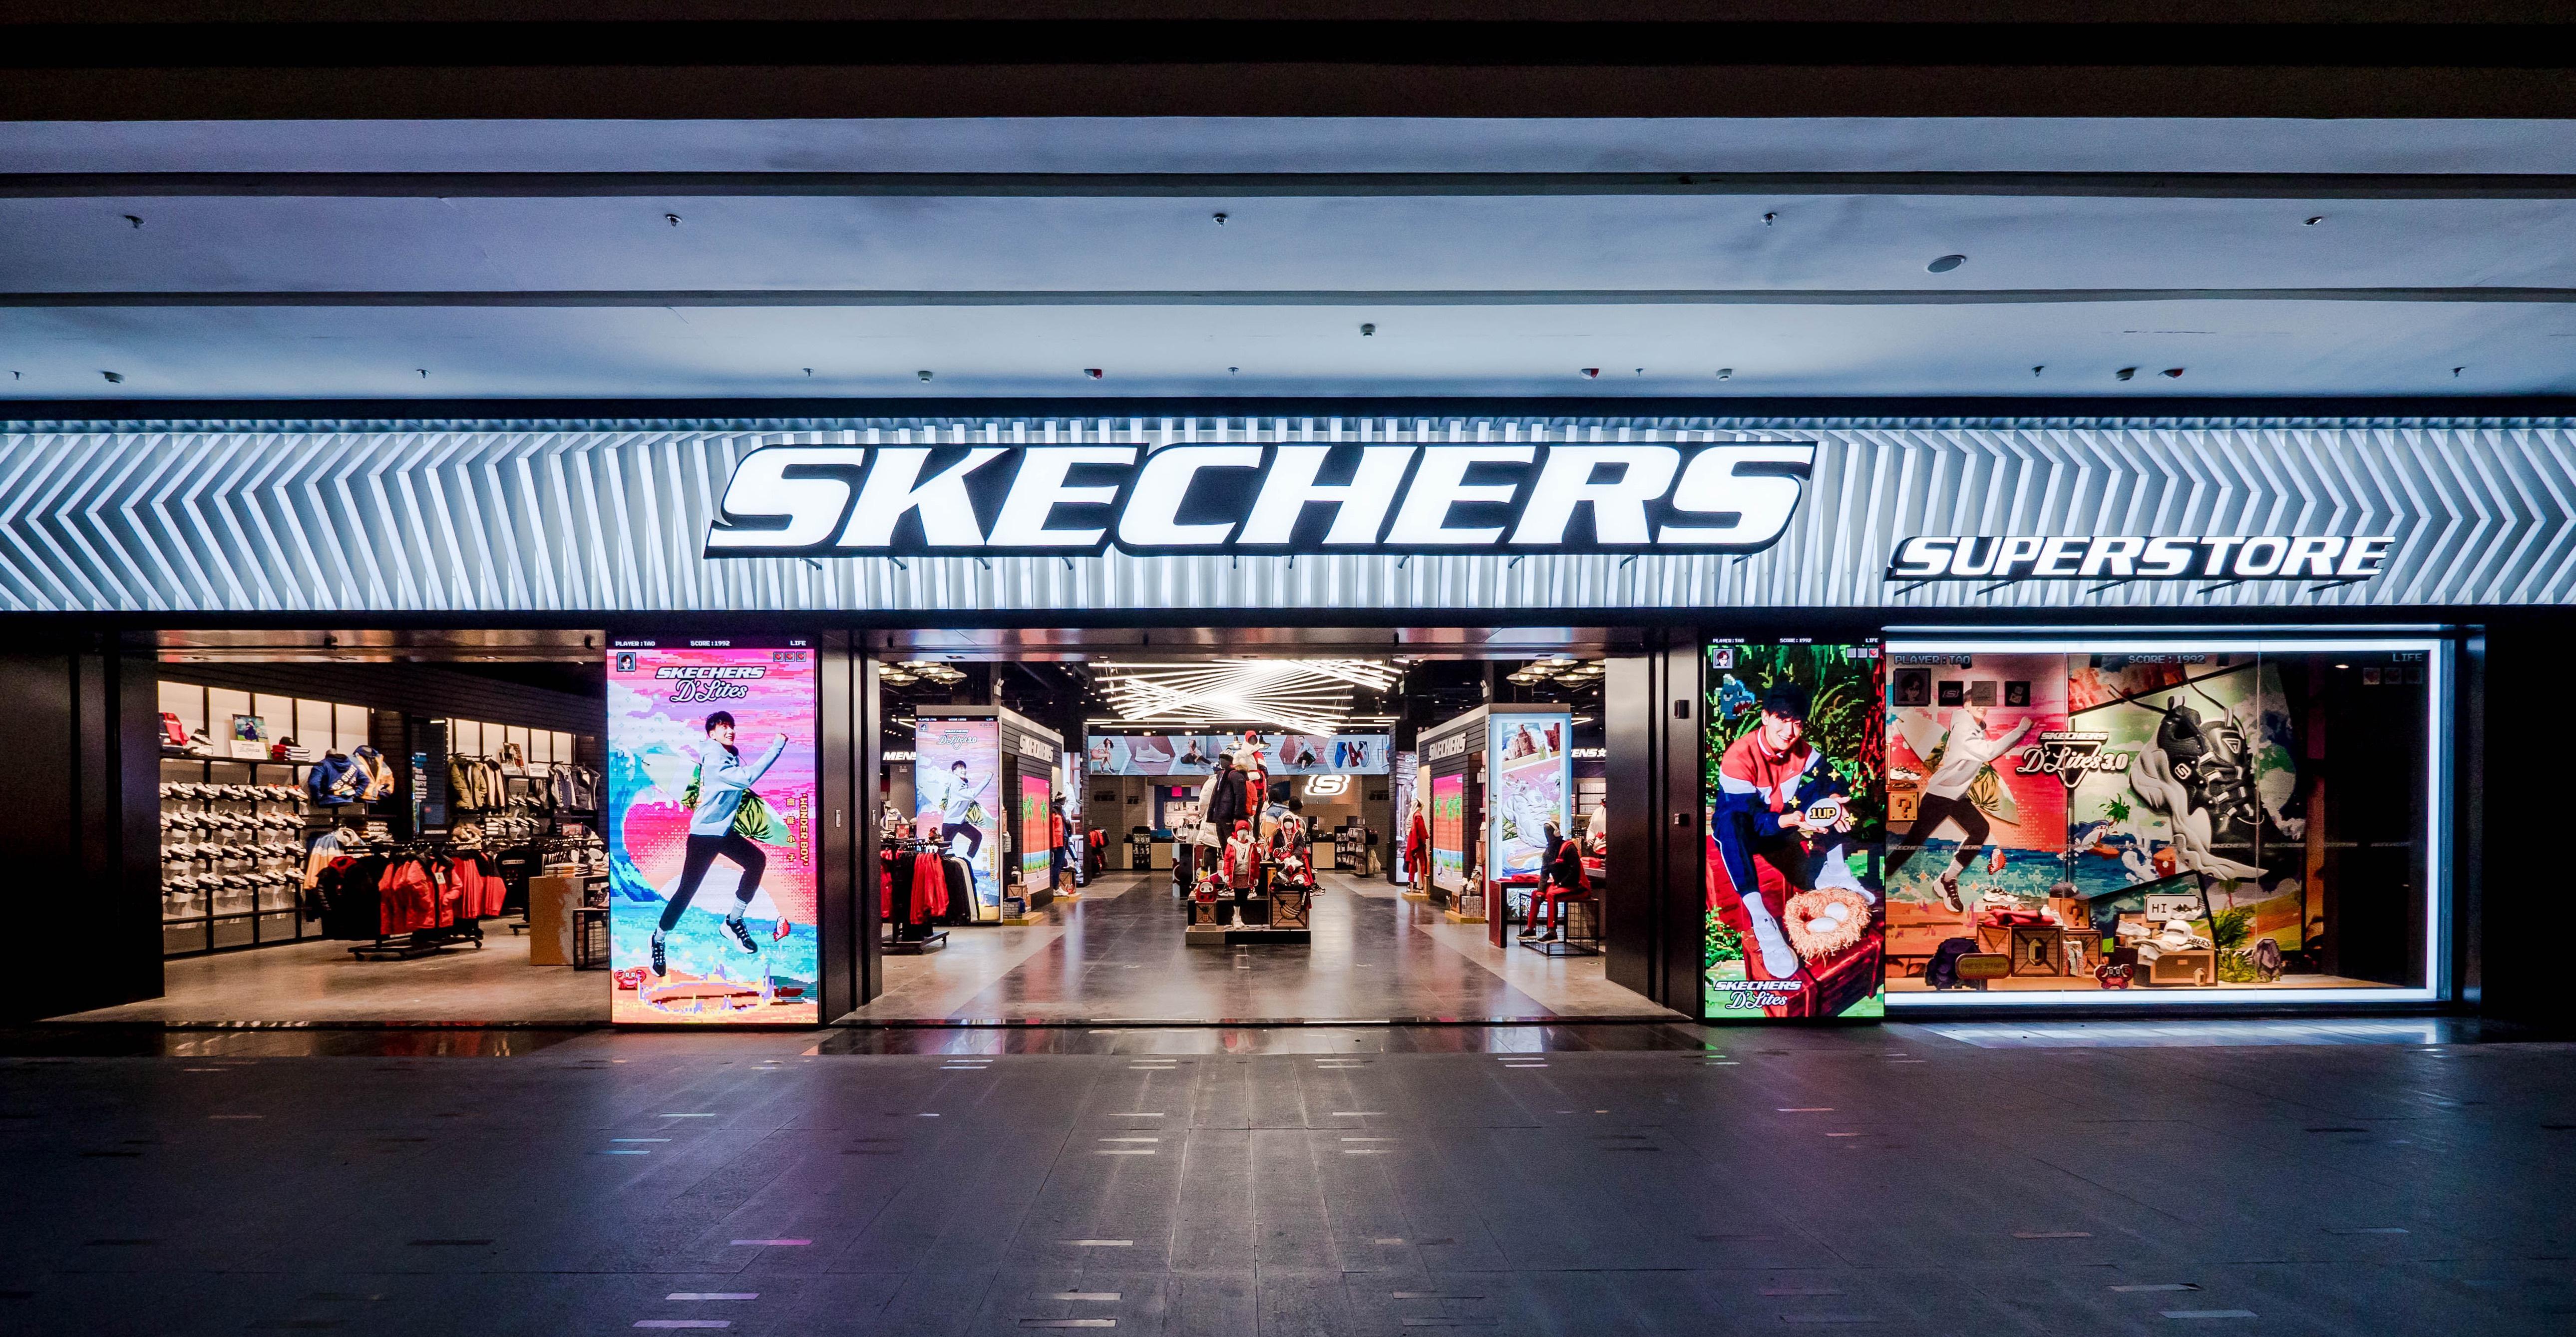 斯凯奇公布2018年财报,全年销售总额46.4亿美元增长11.5%